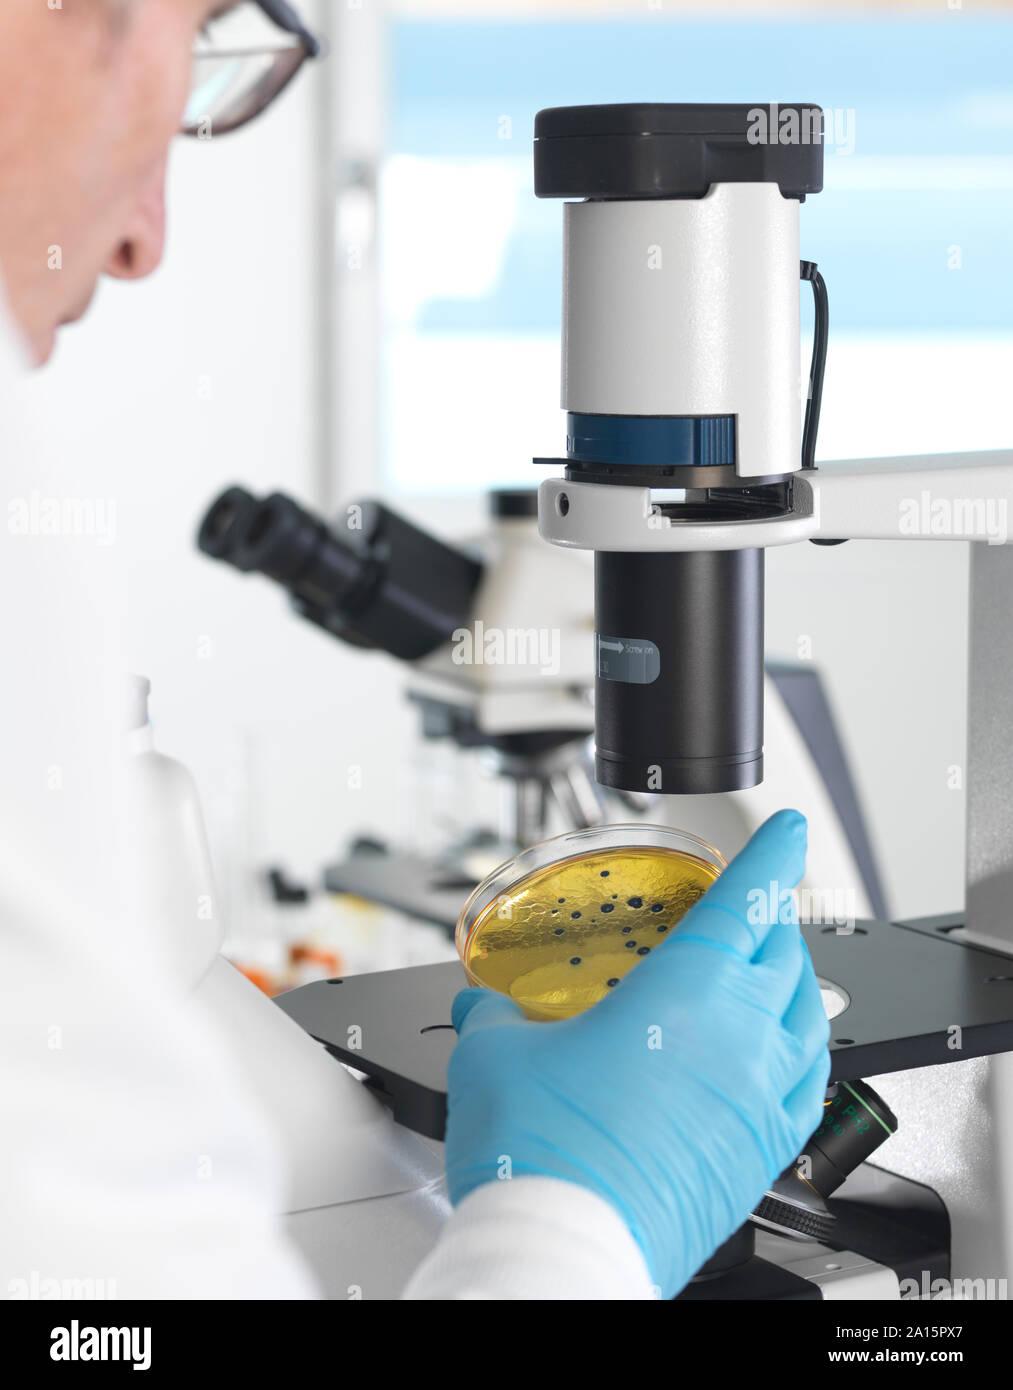 Microbiologie, visualisation scientifique croissante des cultures en Pétri sous un microscope inversé dans le laboratoire Banque D'Images